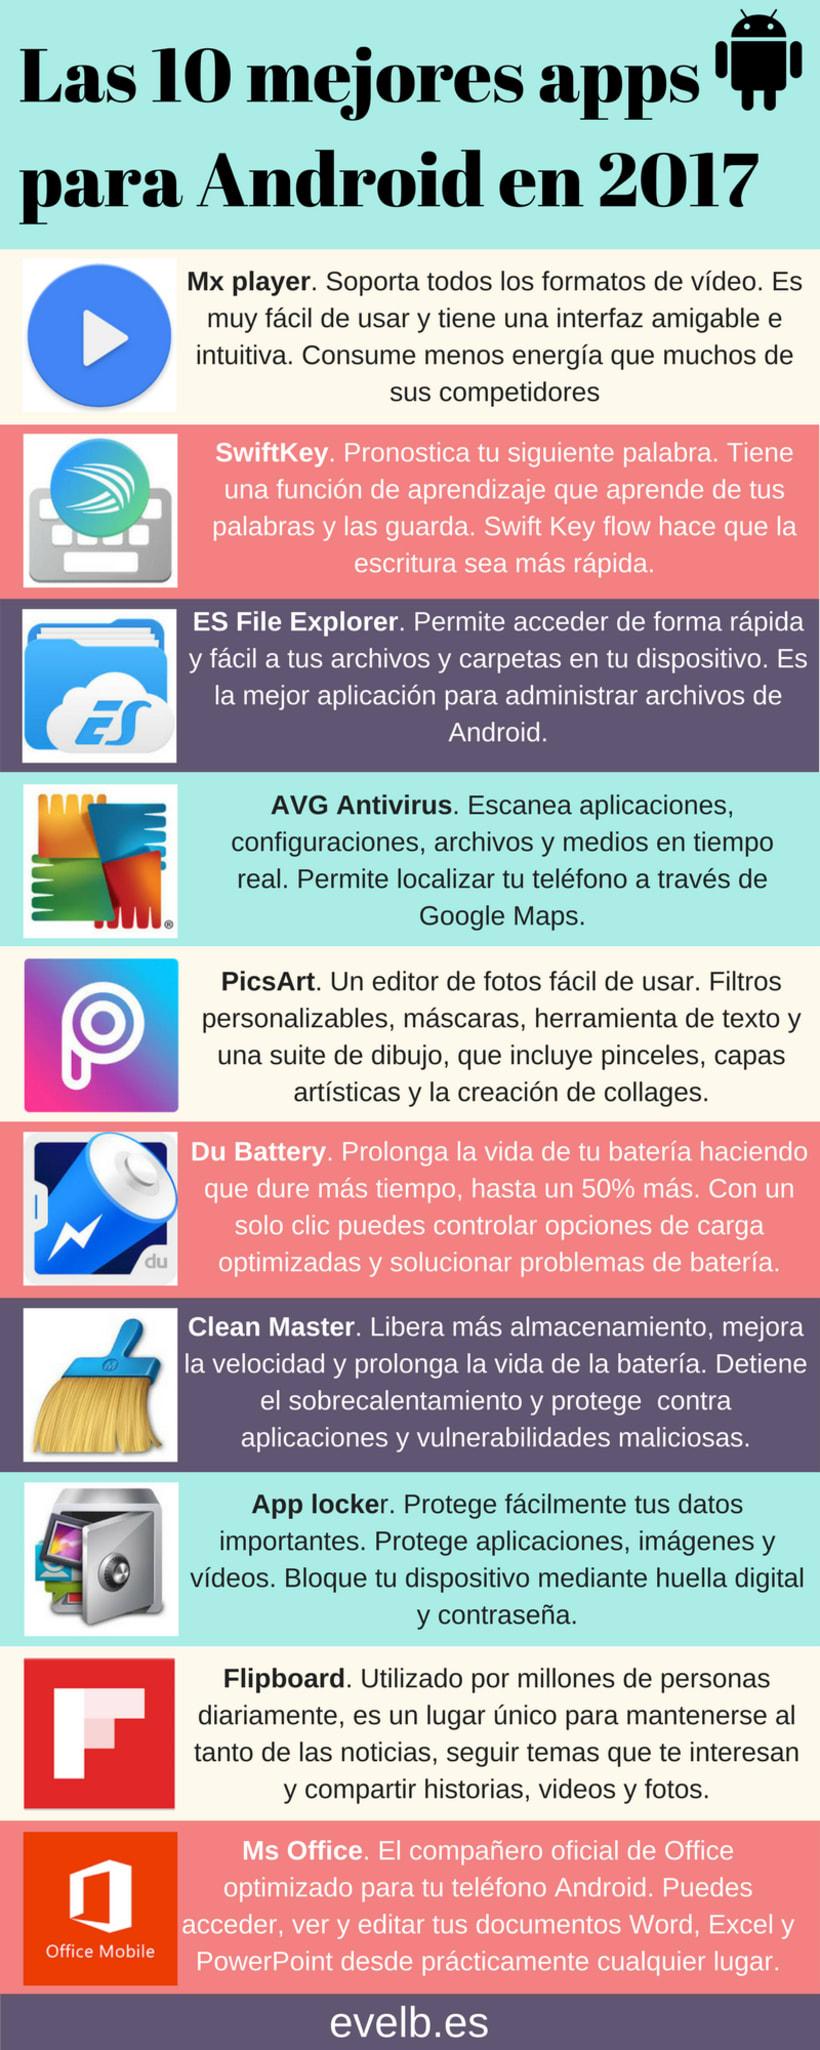 Infografías evelb.es 39